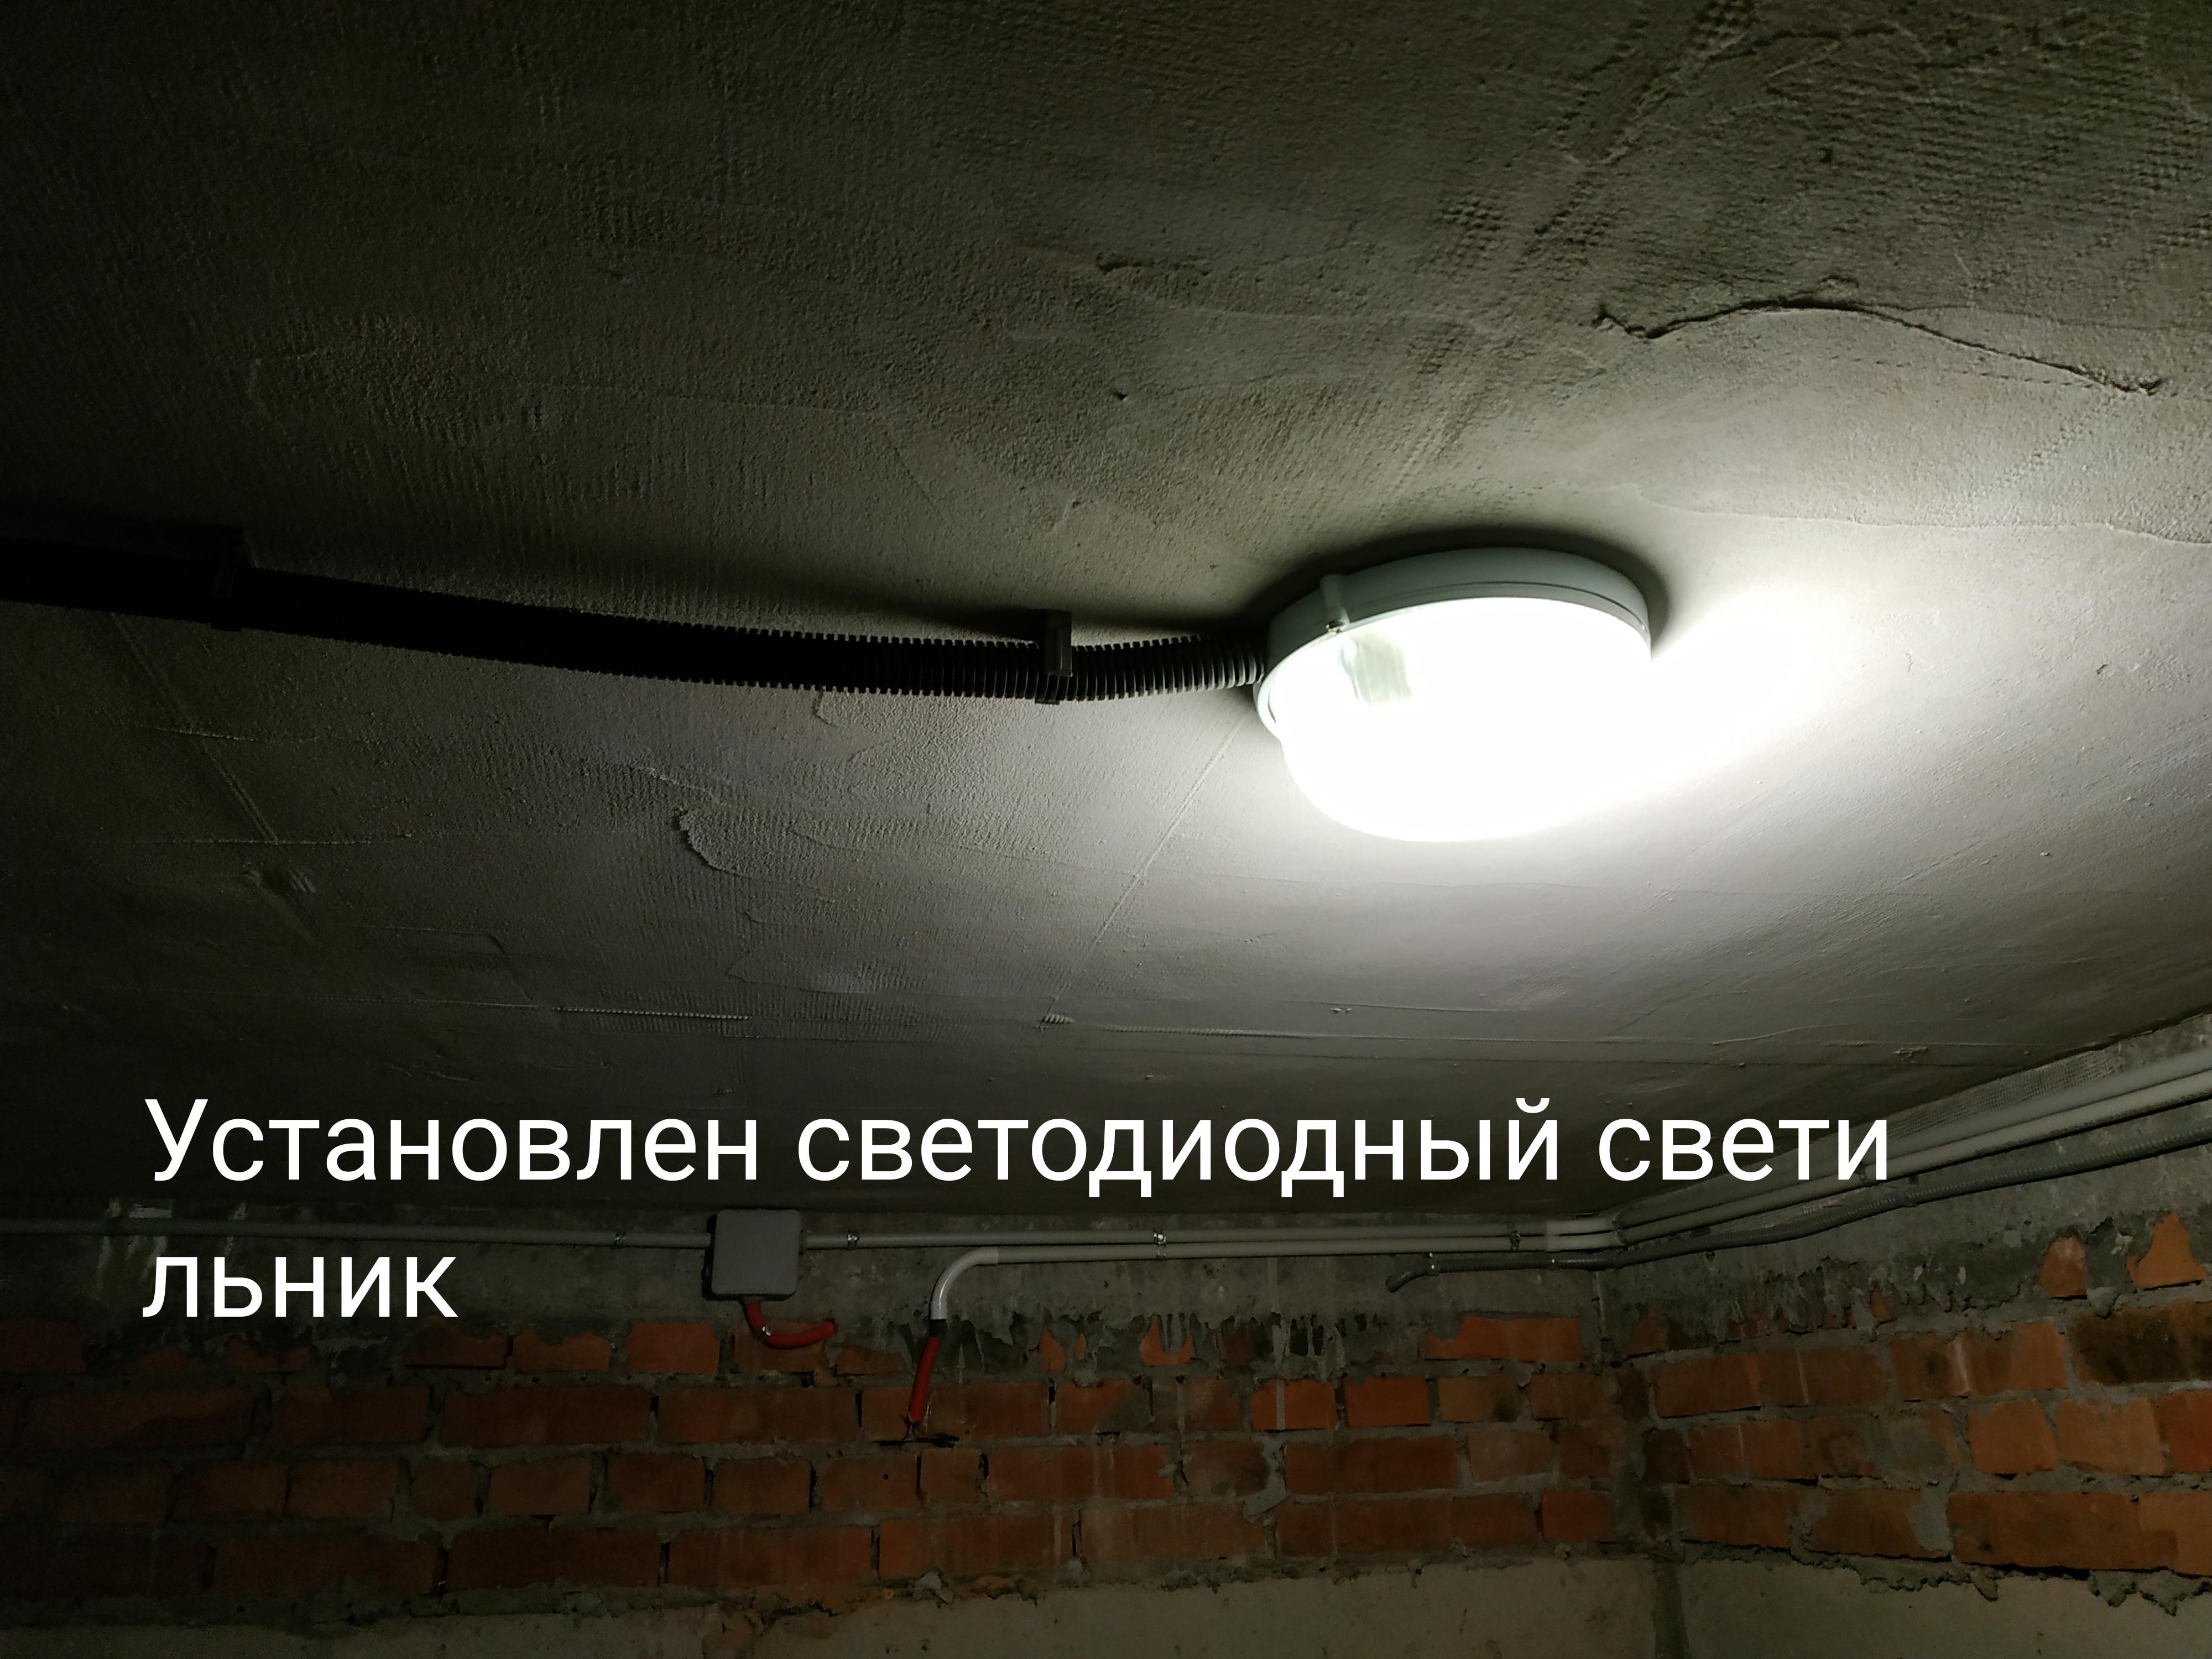 Фото Демонтировал и навел порядок в подвальной кладовке с проводами, оставил нужные. Вывел на потолок светодиодный светильник.